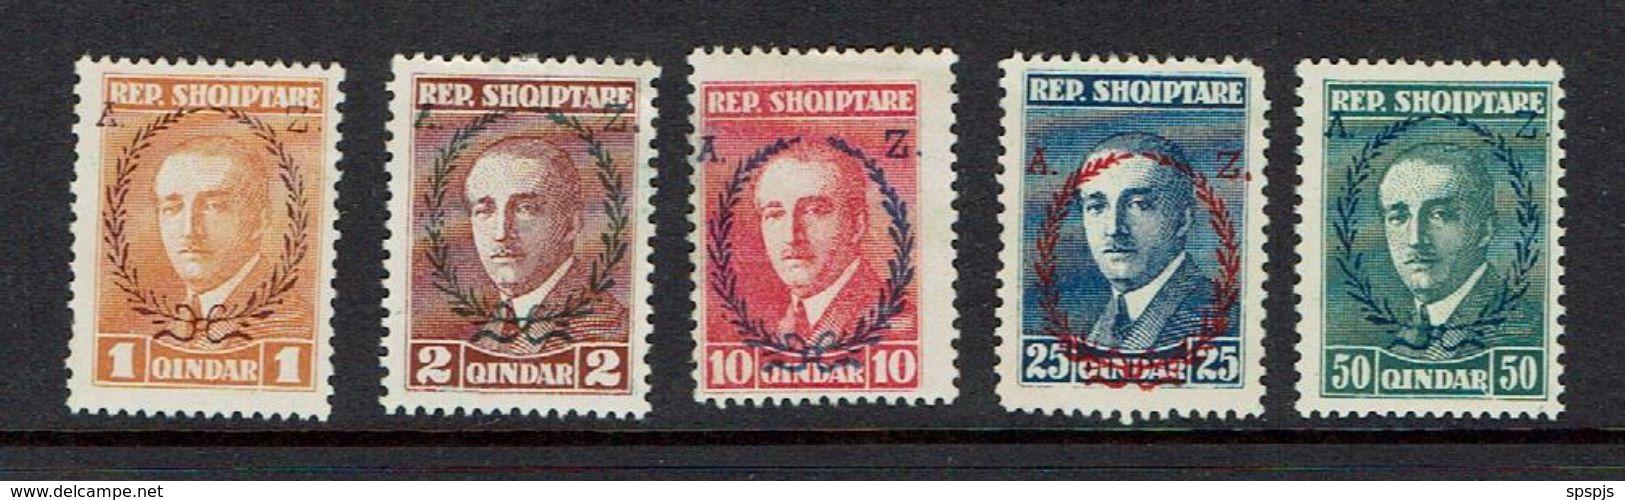 ALBANIA...1927 - Albania